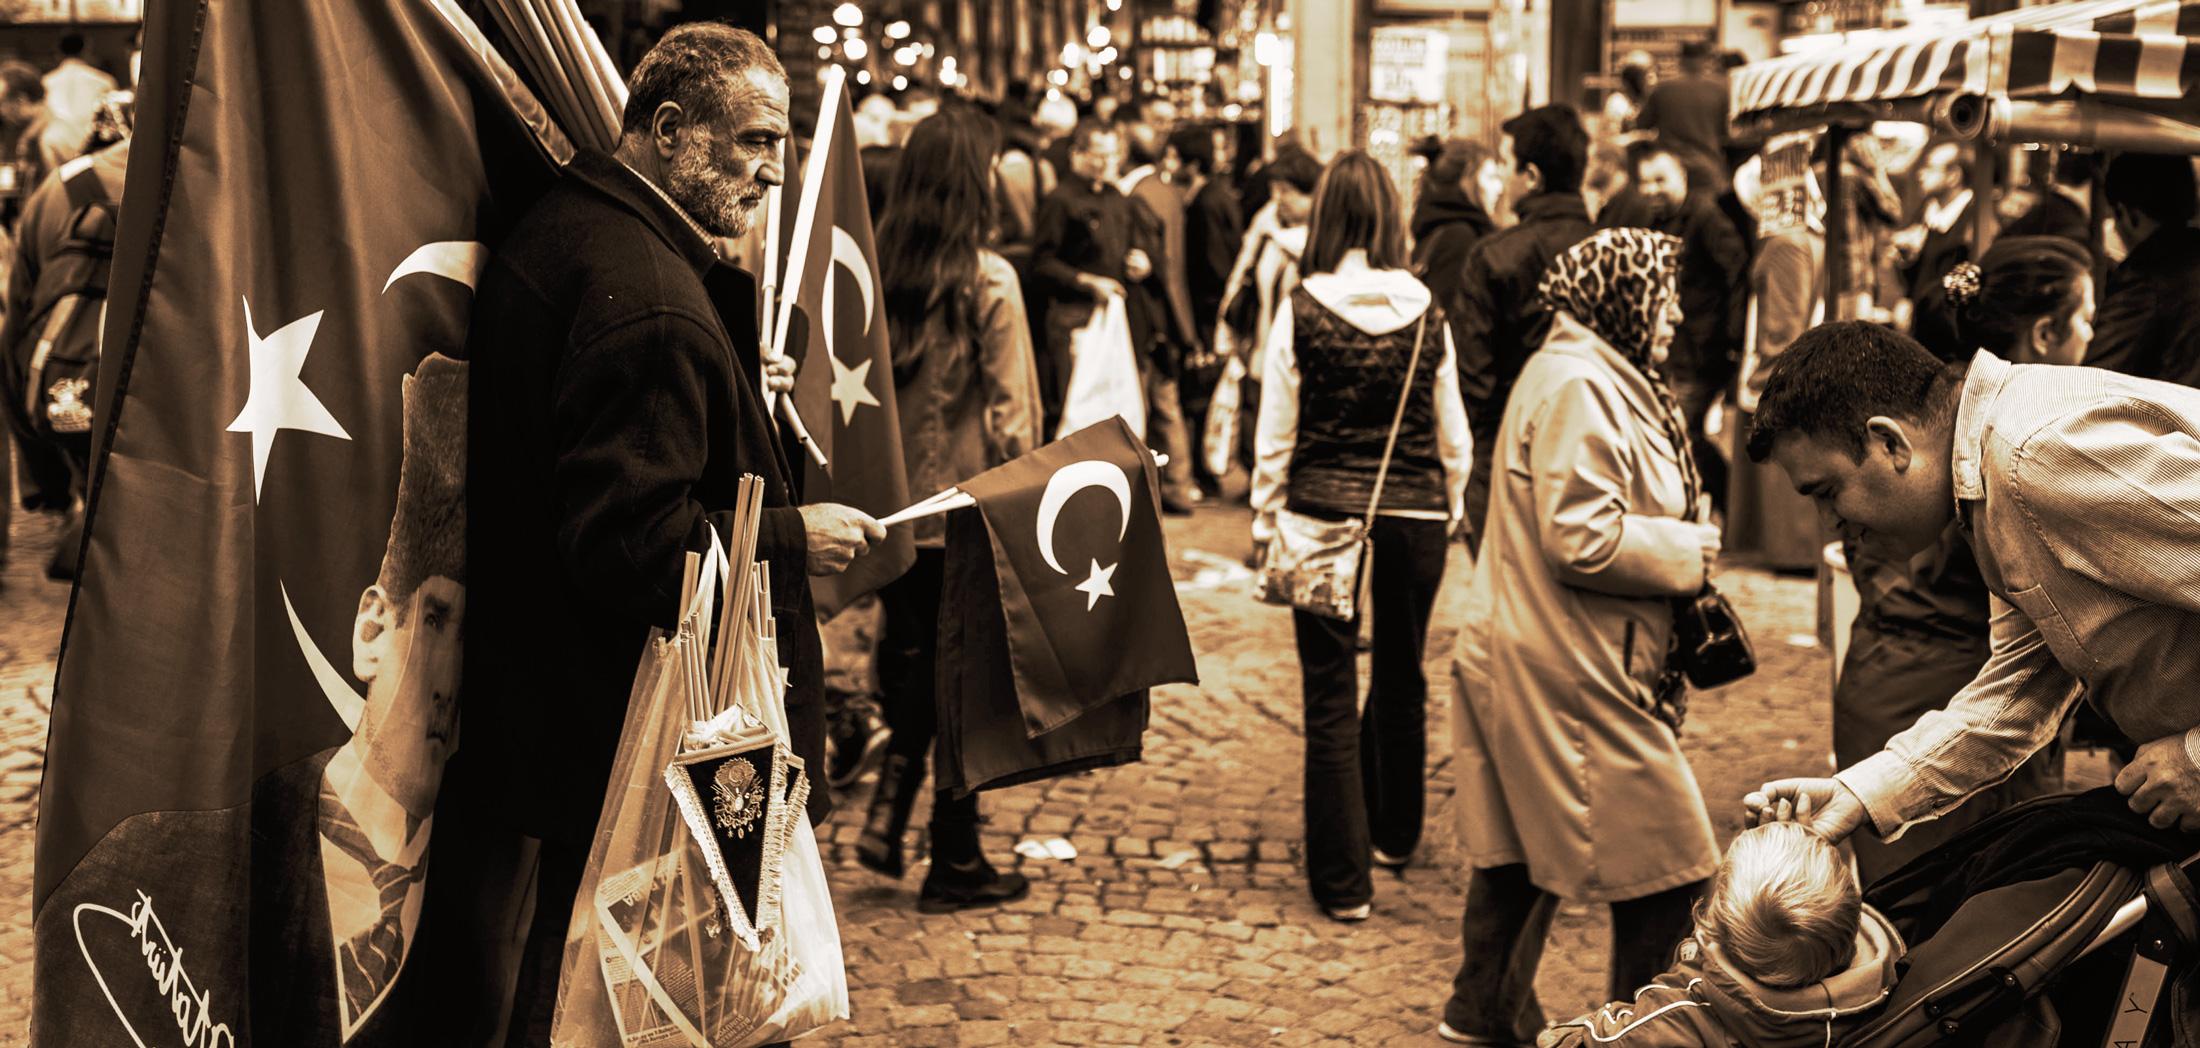 Der vorerst letzte Kampf – Kommt der Ein-Mann-Staat? <br>  <span id='sec-title'>Die Türkei, Erdoğan und das Ende der Demokratie</span>